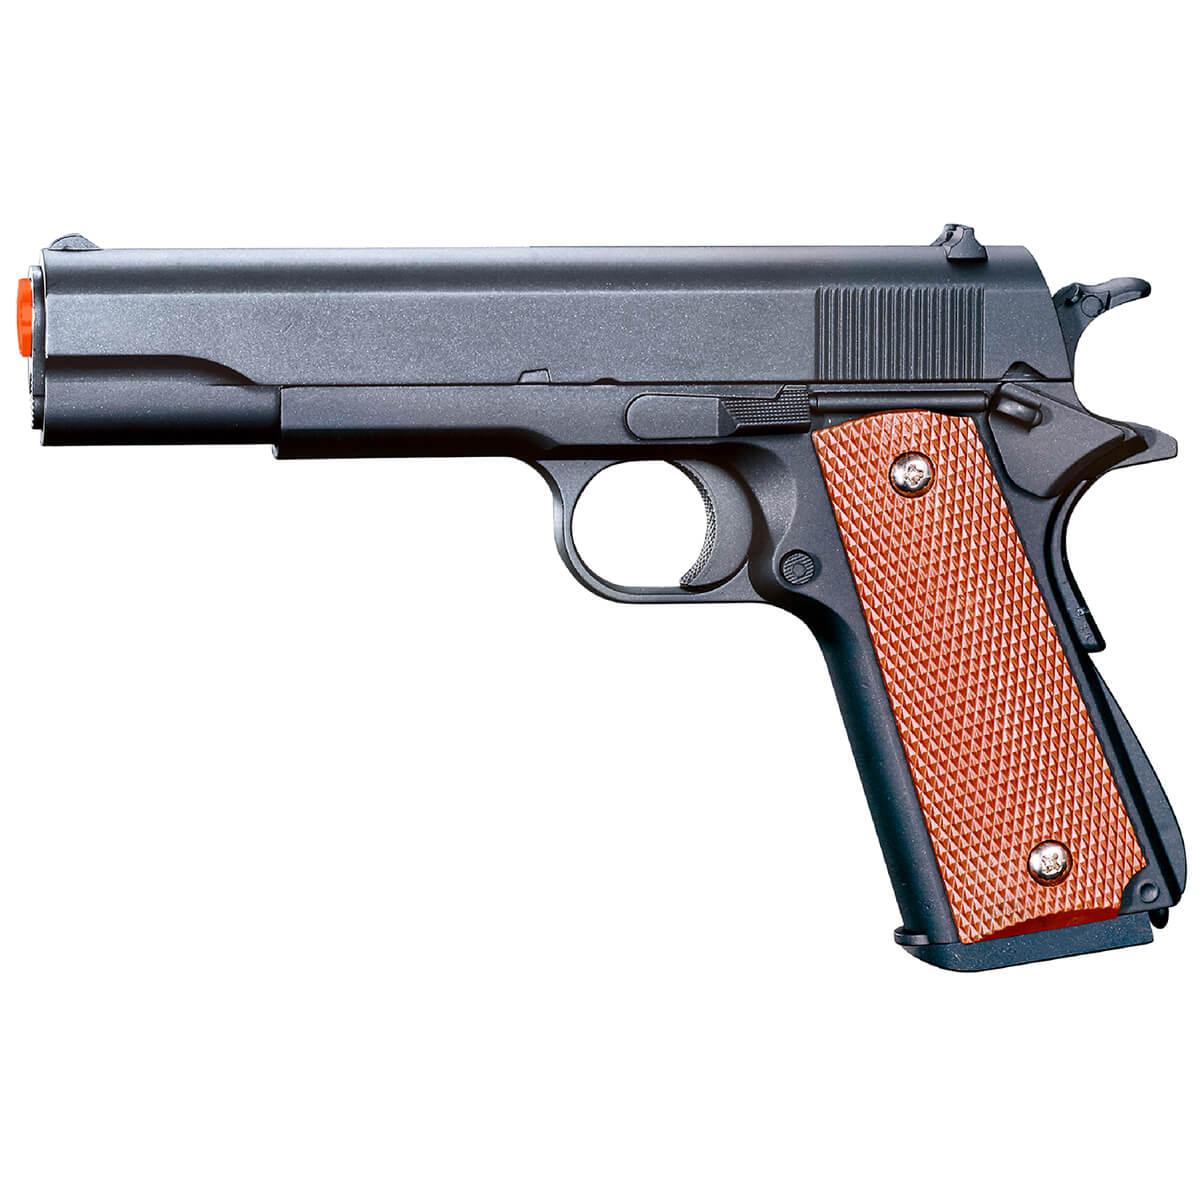 Pistola Airsoft VG 1911-V14 Full Metal 6mm Rossi